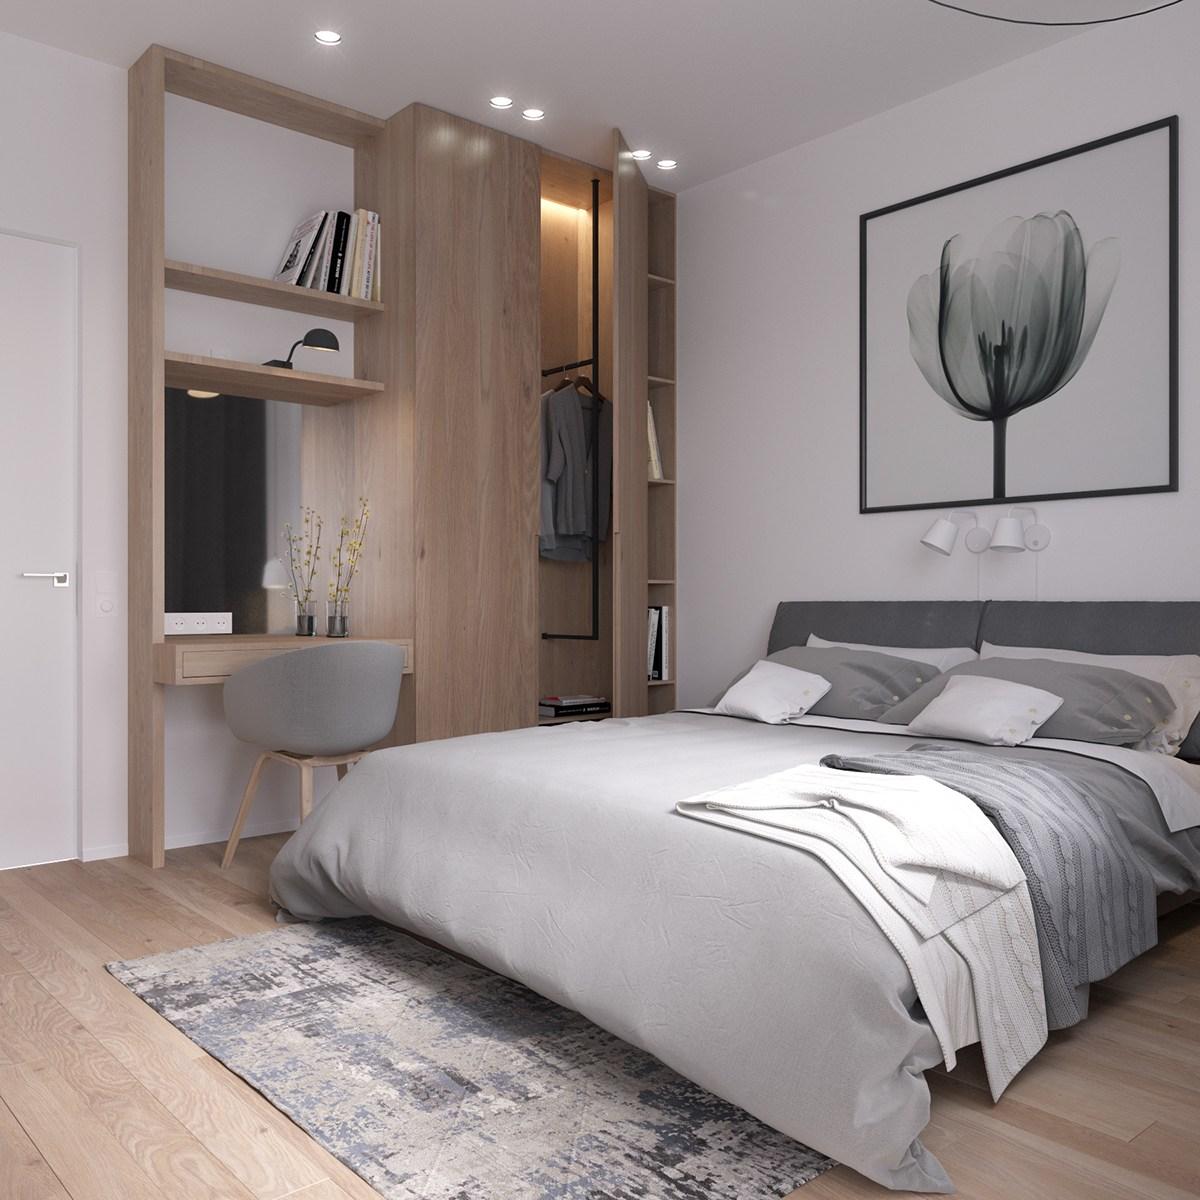 Moderne slaapkamer met werkplek kledingkast combinatie | Slaapkamer ...